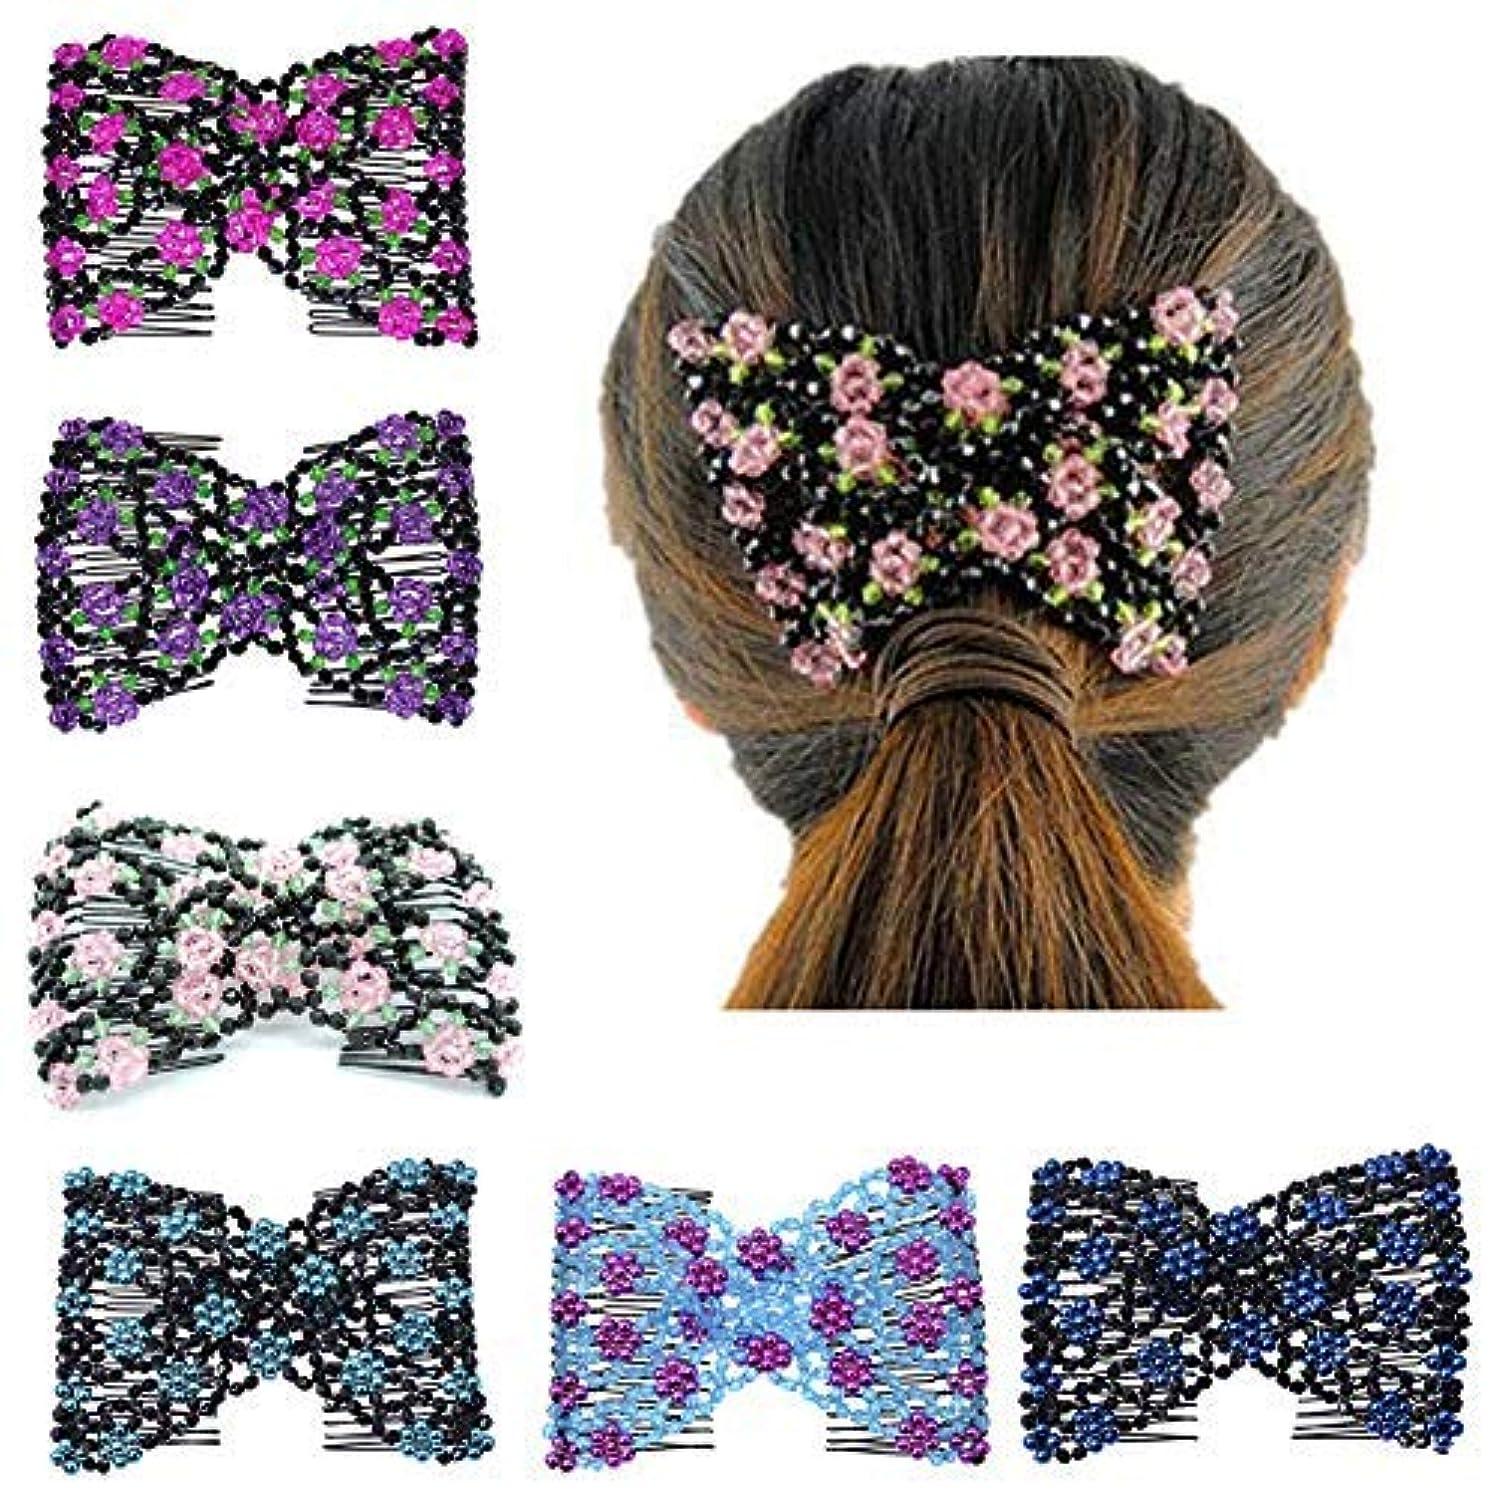 シリーズ確立それに応じてCasualfashion Magic Ez Combs Double Stretching Combs, Thick and Thin Hair, Hair Accessory for Popular Hairstyles...